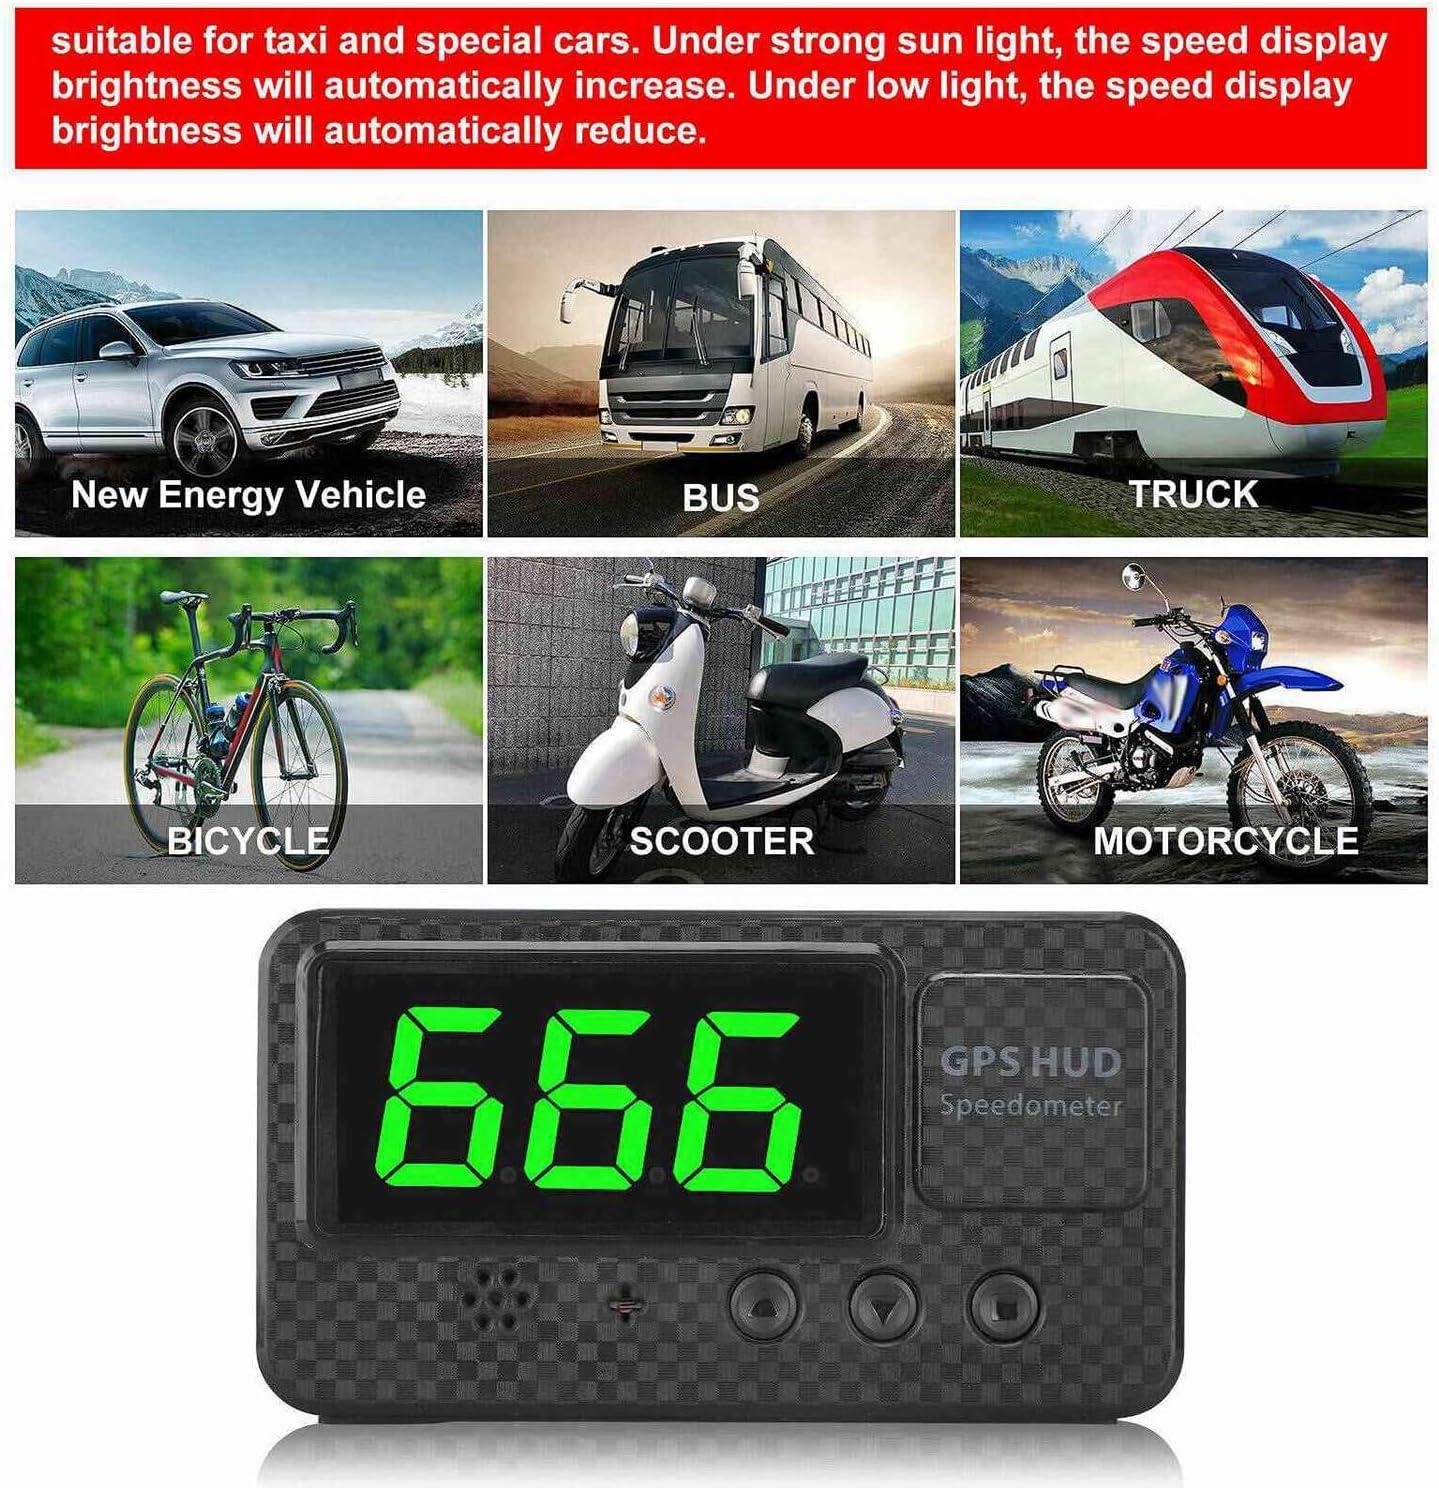 Nrpfell 3 Pouces Voiture Num/éRique GPS Compteur de Vitesse Affichage T/êTe Haute avec Exc/èS de Vitesse Alerte Alarme de Fatigue pour V/éHicule Camion Moto SUV